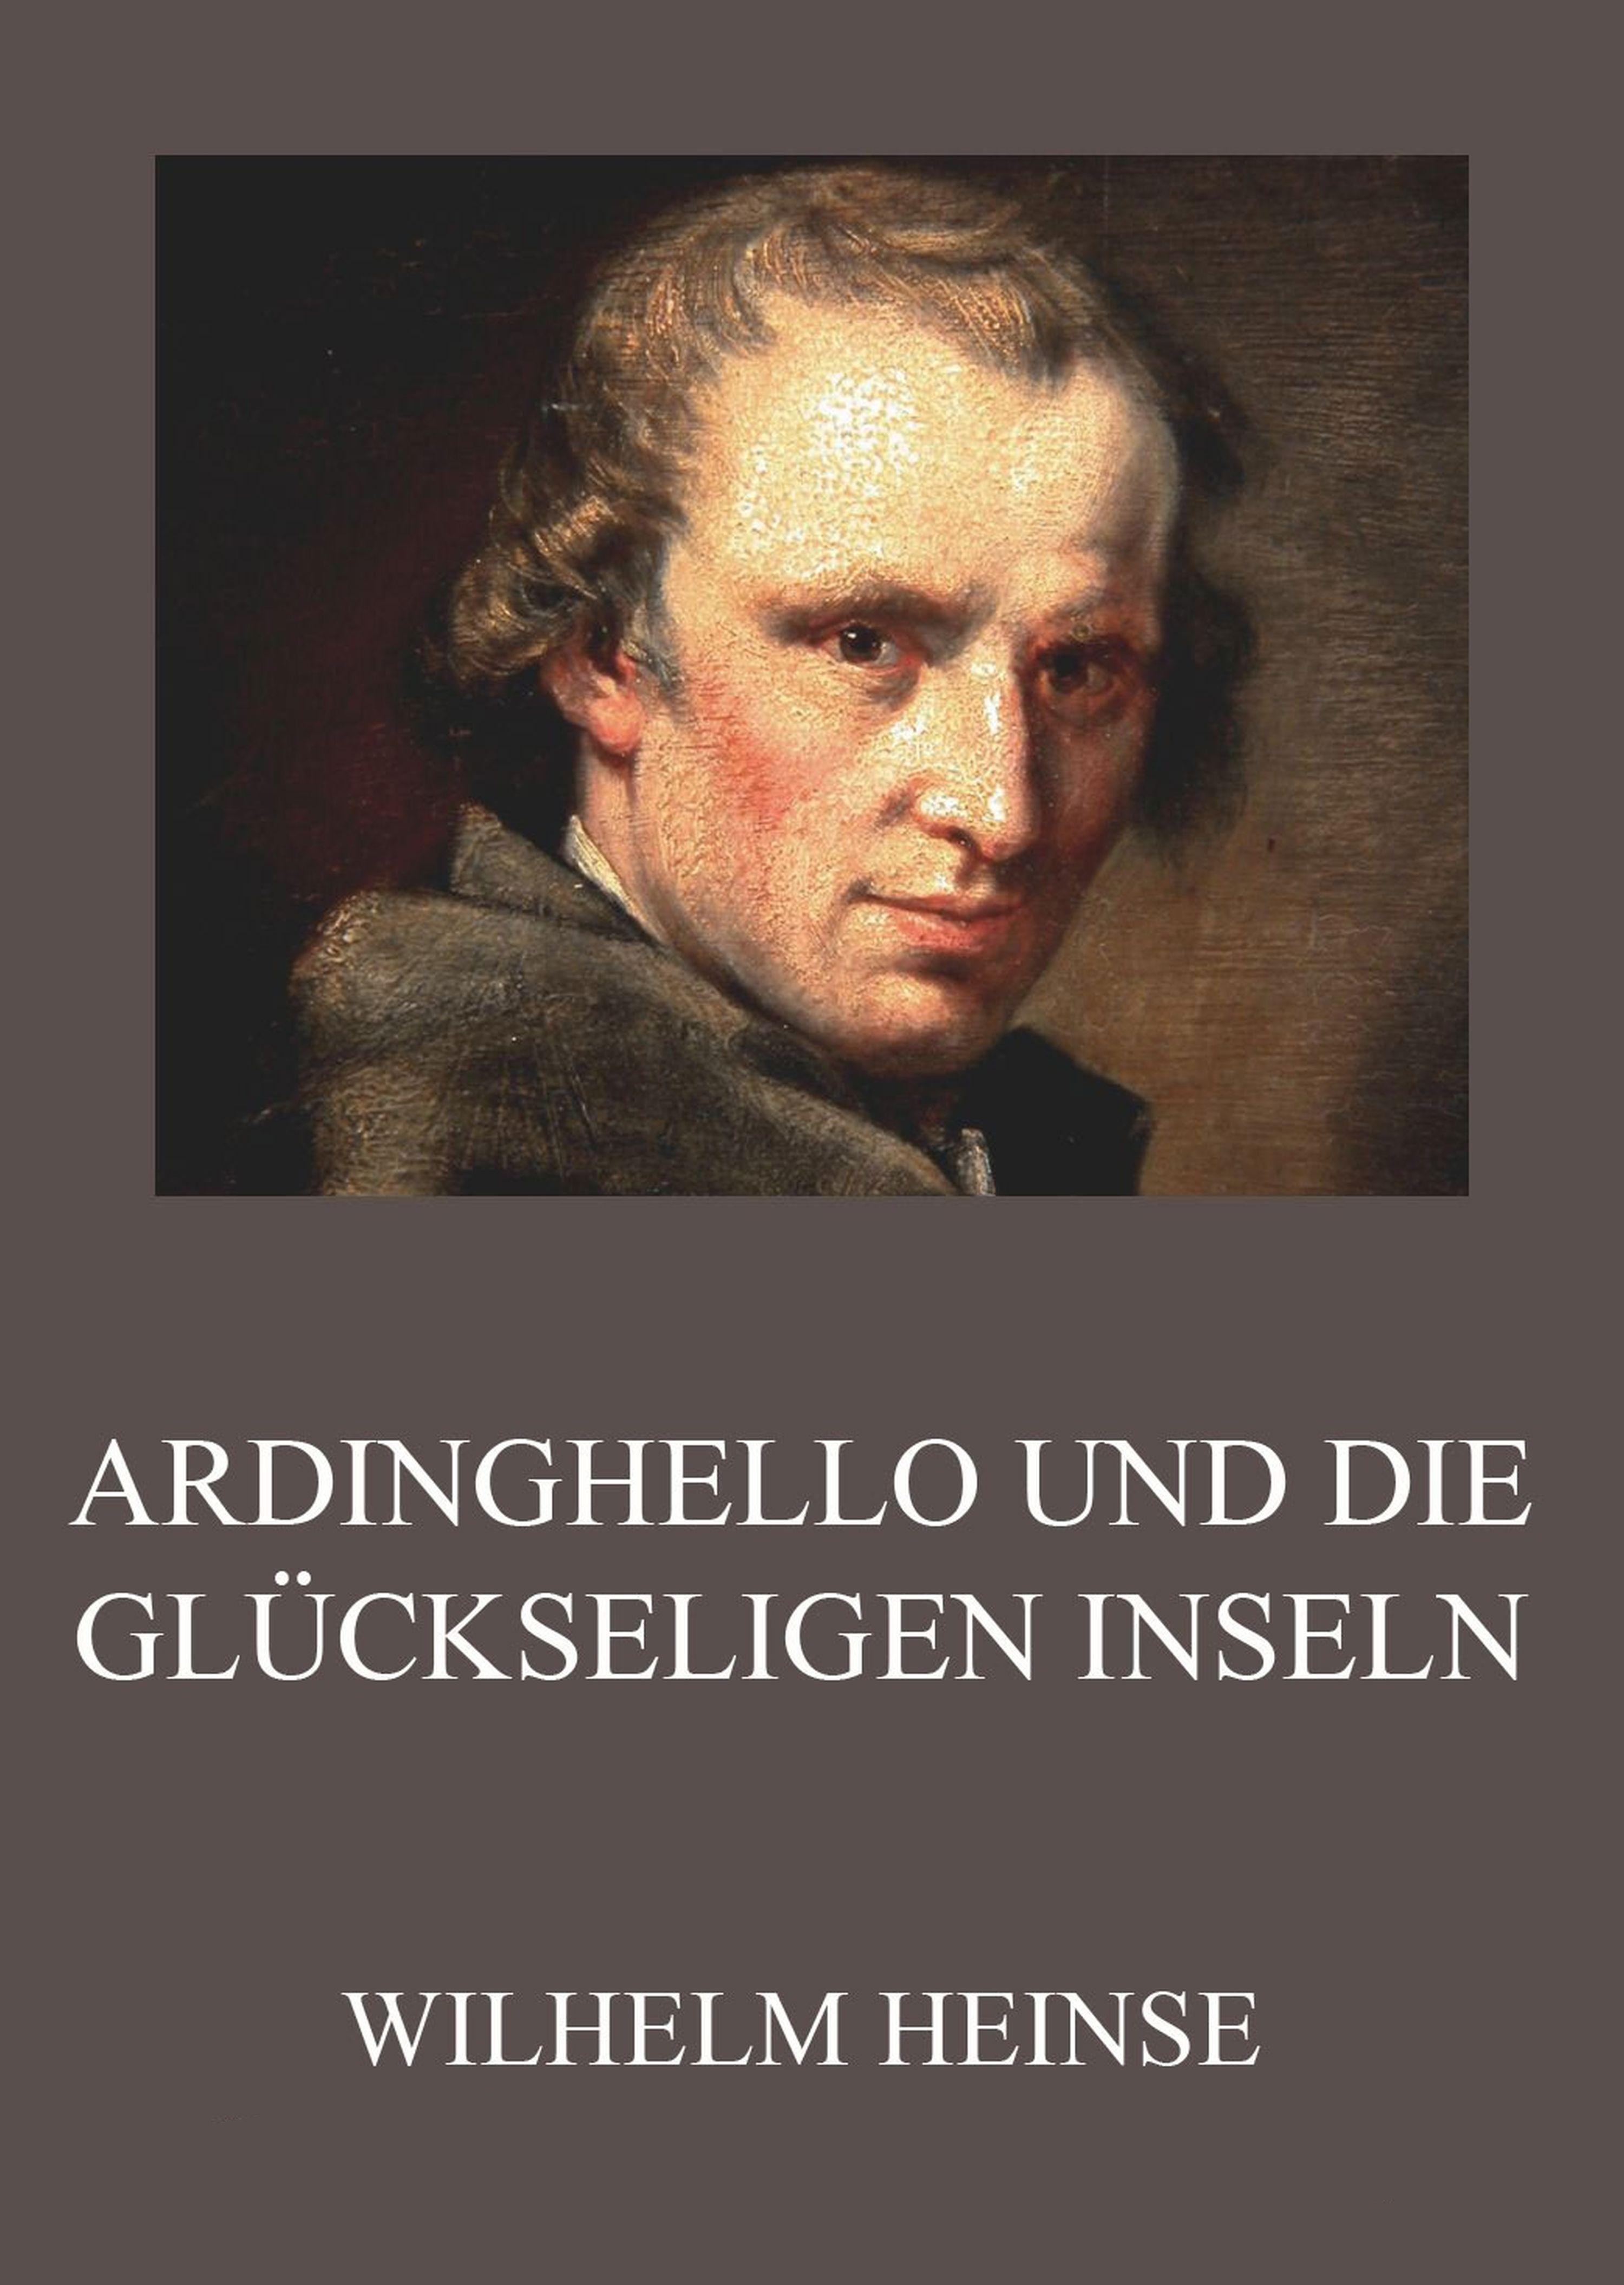 Wilhelm Heinse Ardinghello und die glückseligen Inseln